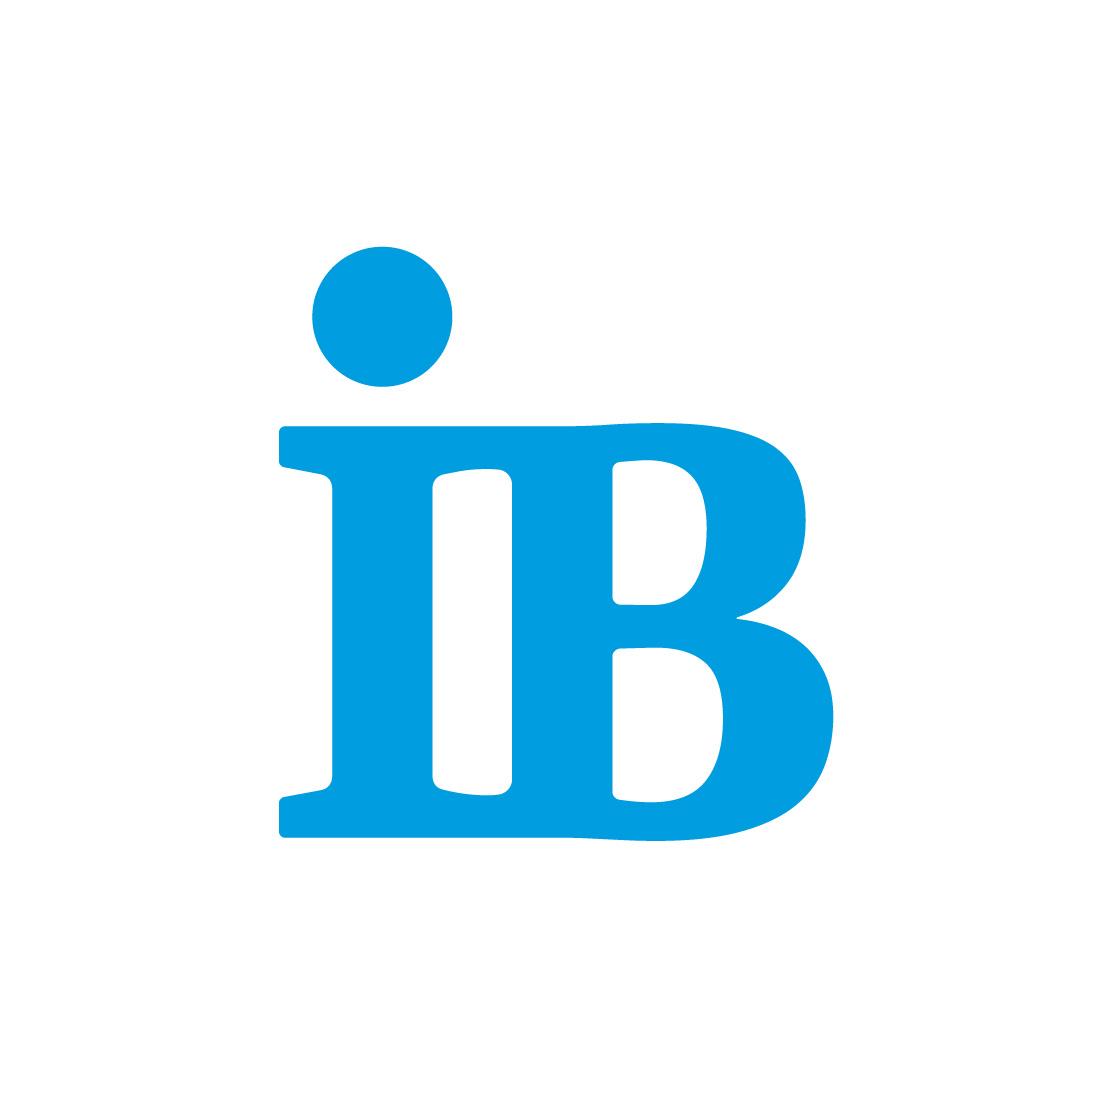 upload/IB-Mitte_NEU2017/S6_Flüchtlingsunterkünfte/Sachsen/IB-Logo_RGB.jpg